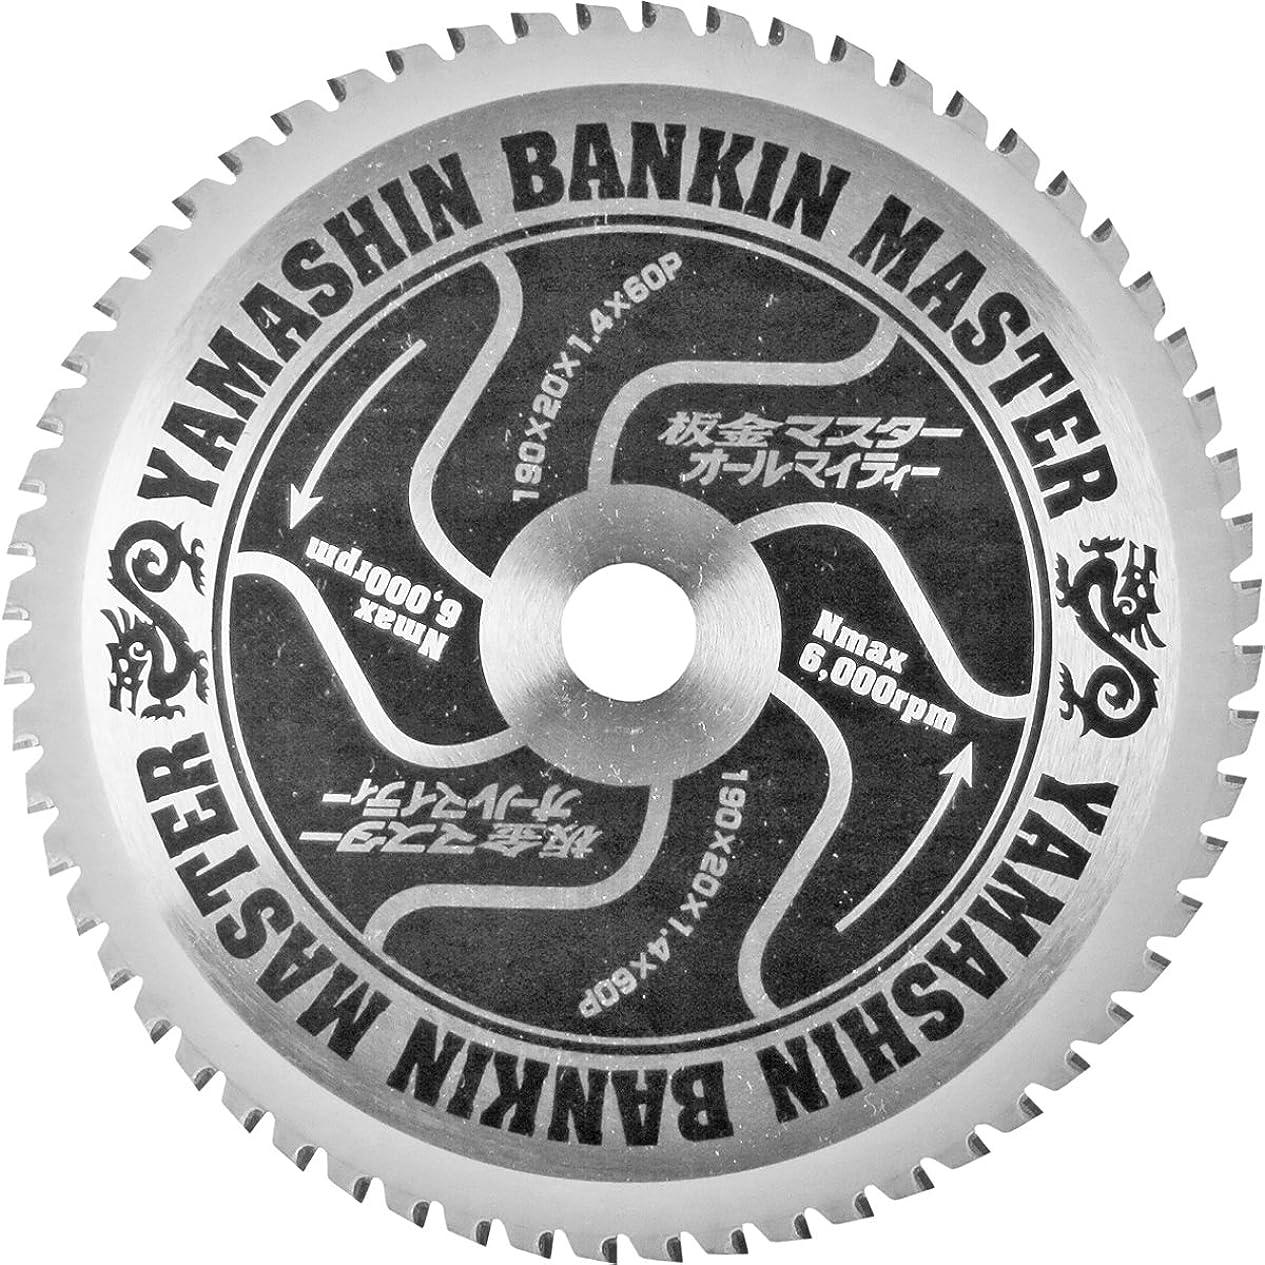 珍しい評論家計算可能山真製鋸(YAMASHIN) 板金マスター BANKIN MASTER 190mmx60P SPT-YSD-190SOB